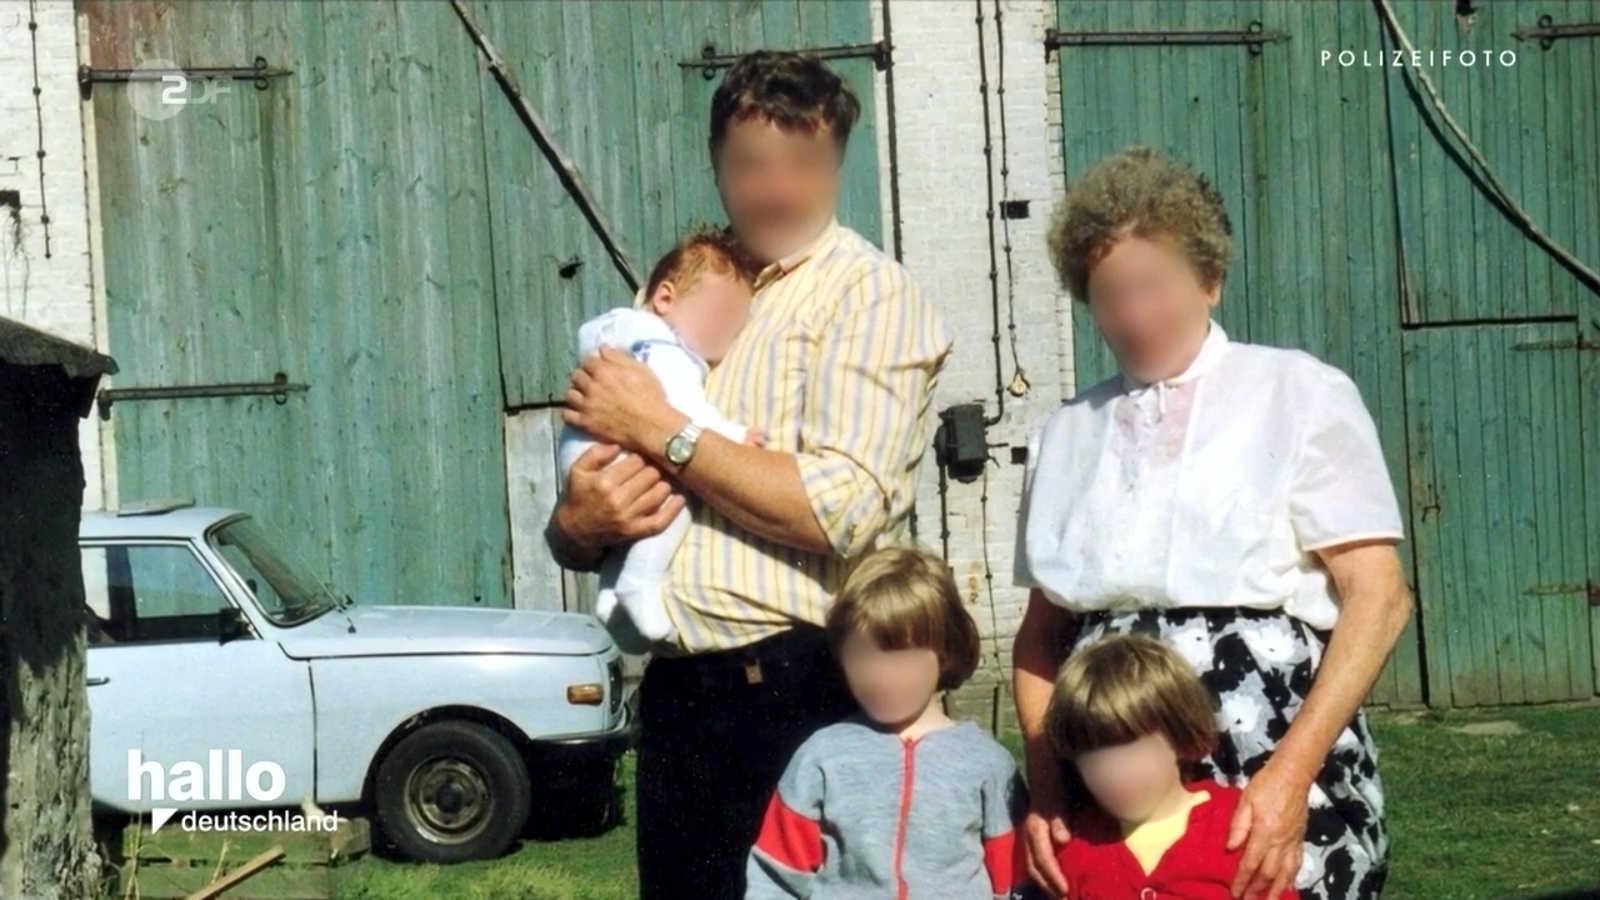 Zdjęcie Gunthera G. z rodziną. W tle niebieski samochód osobowy.